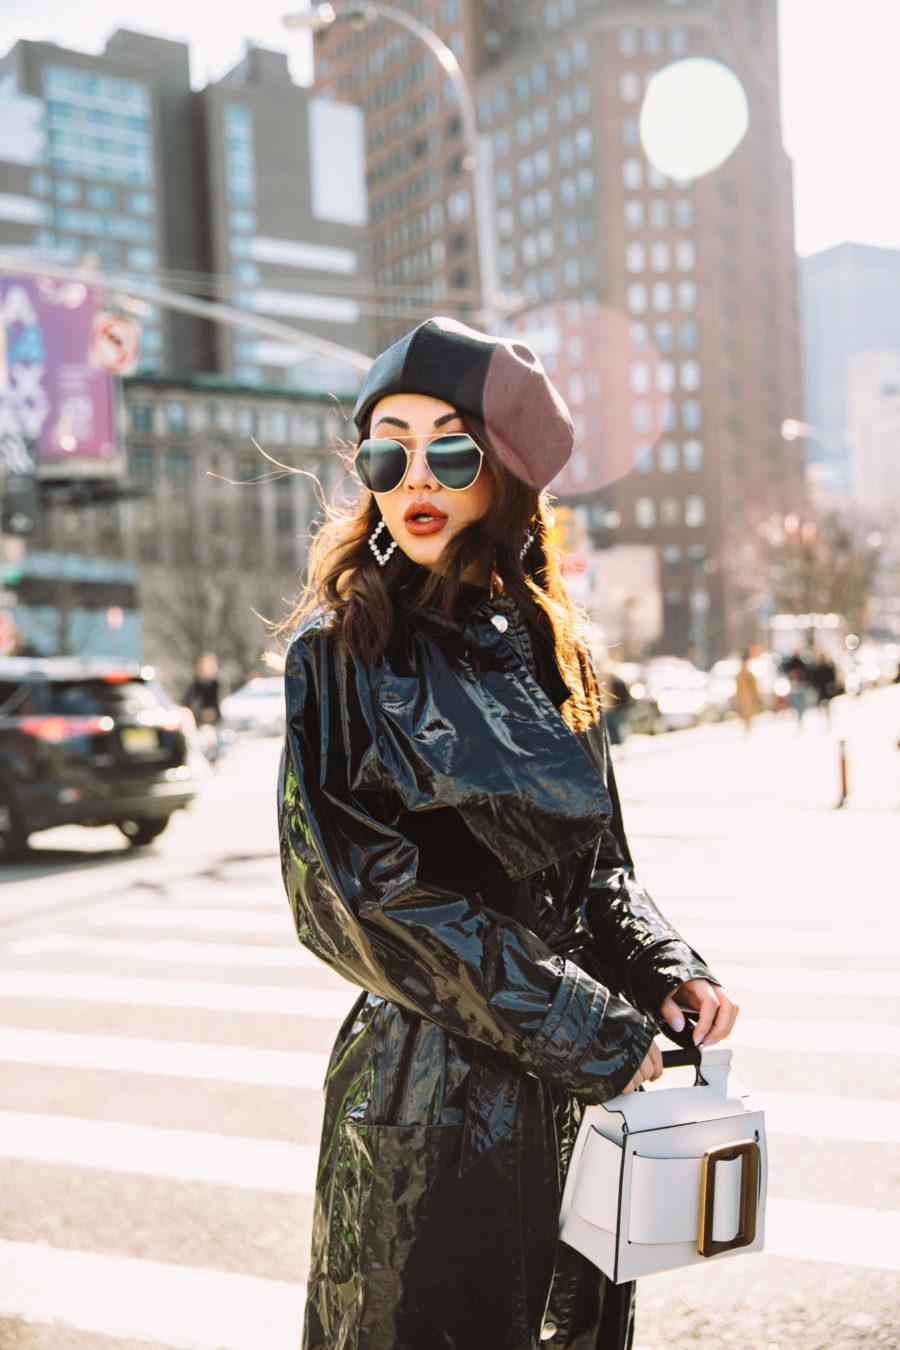 NYFW AW18 street style // Notjessfashion.com